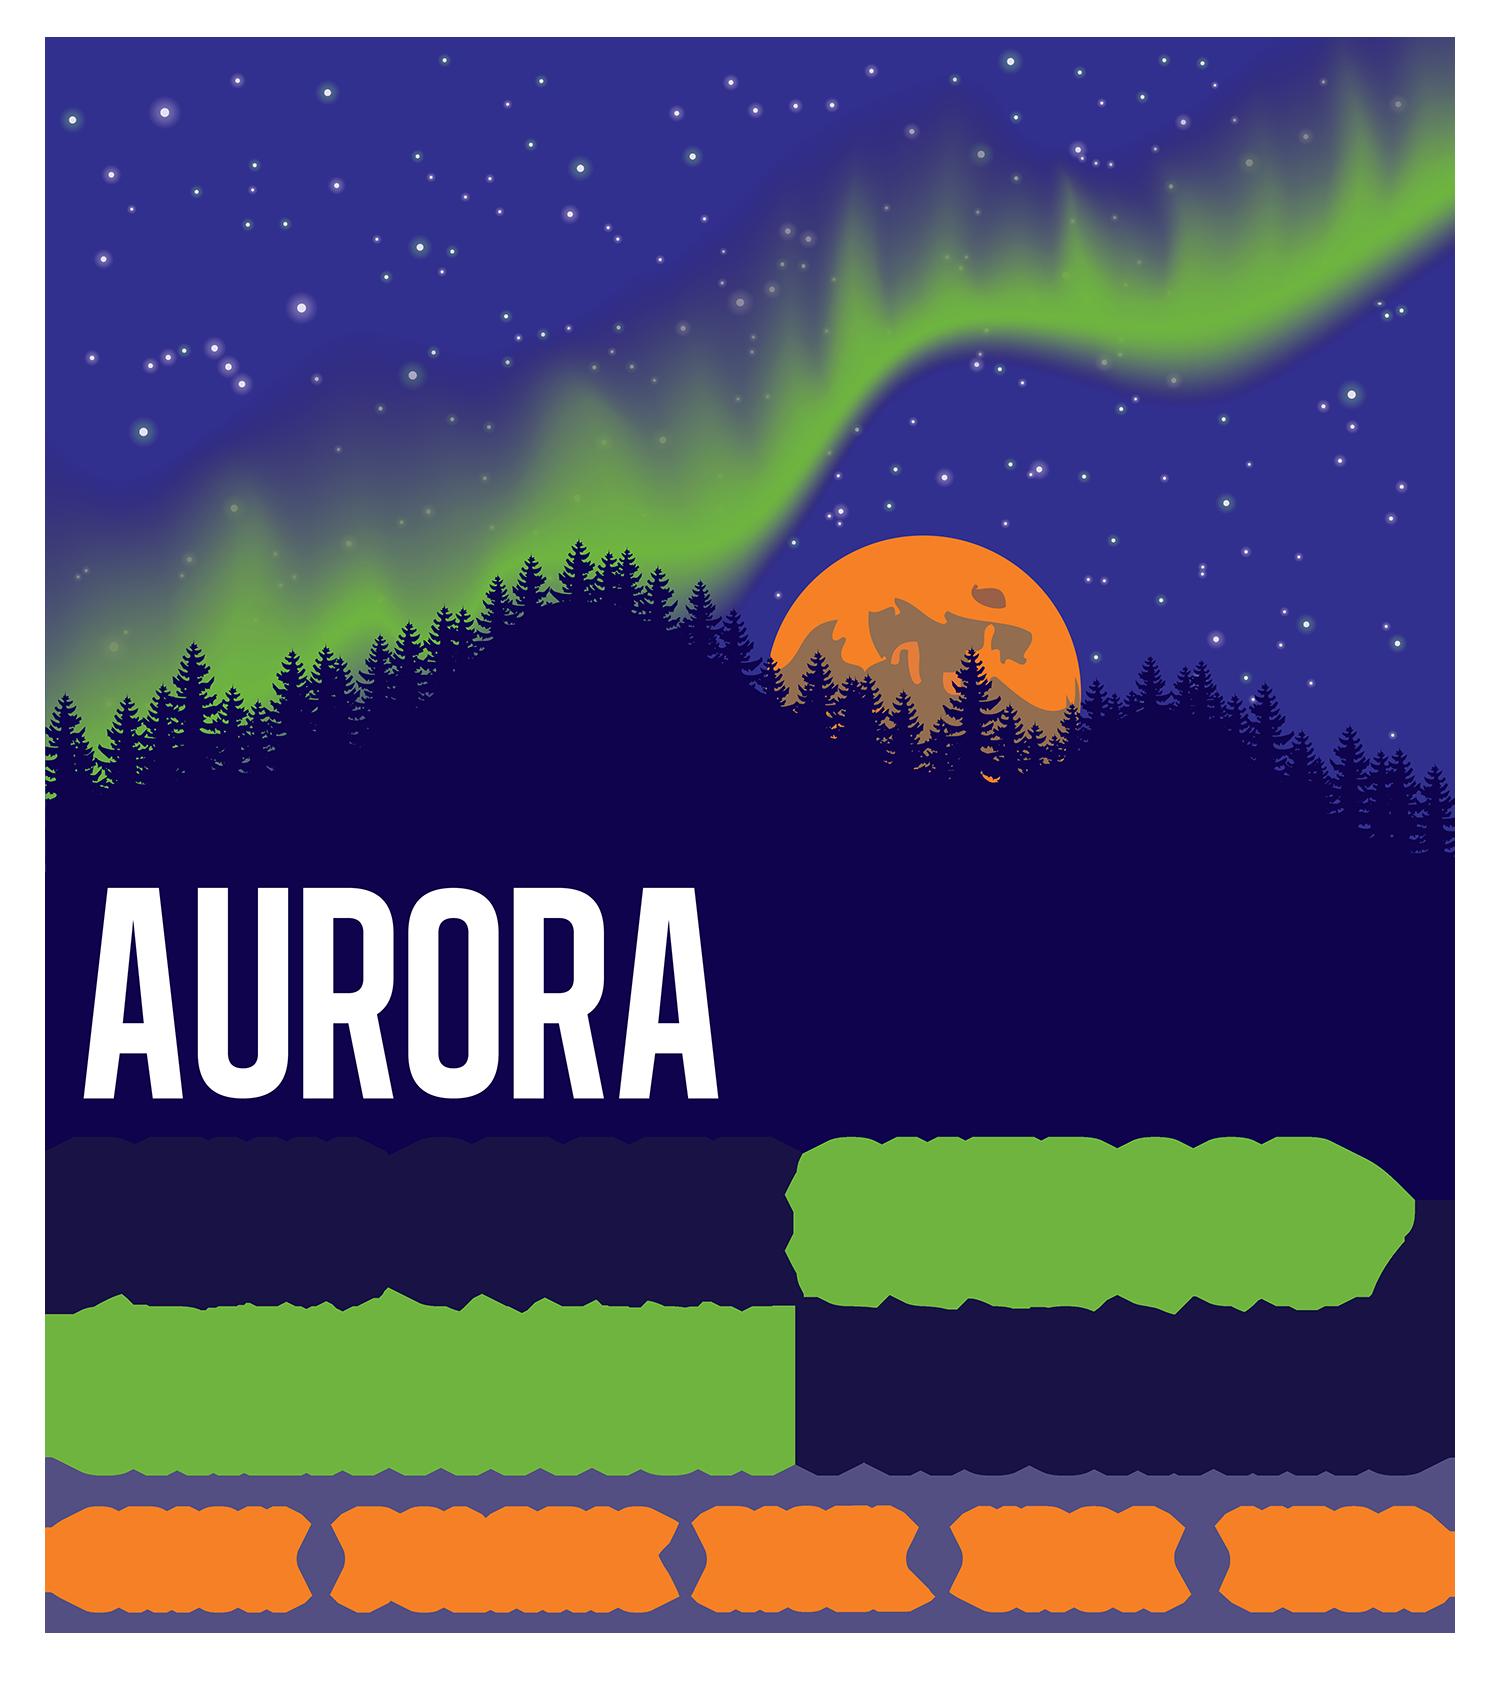 Penn State Outdoor Aurora programs logo